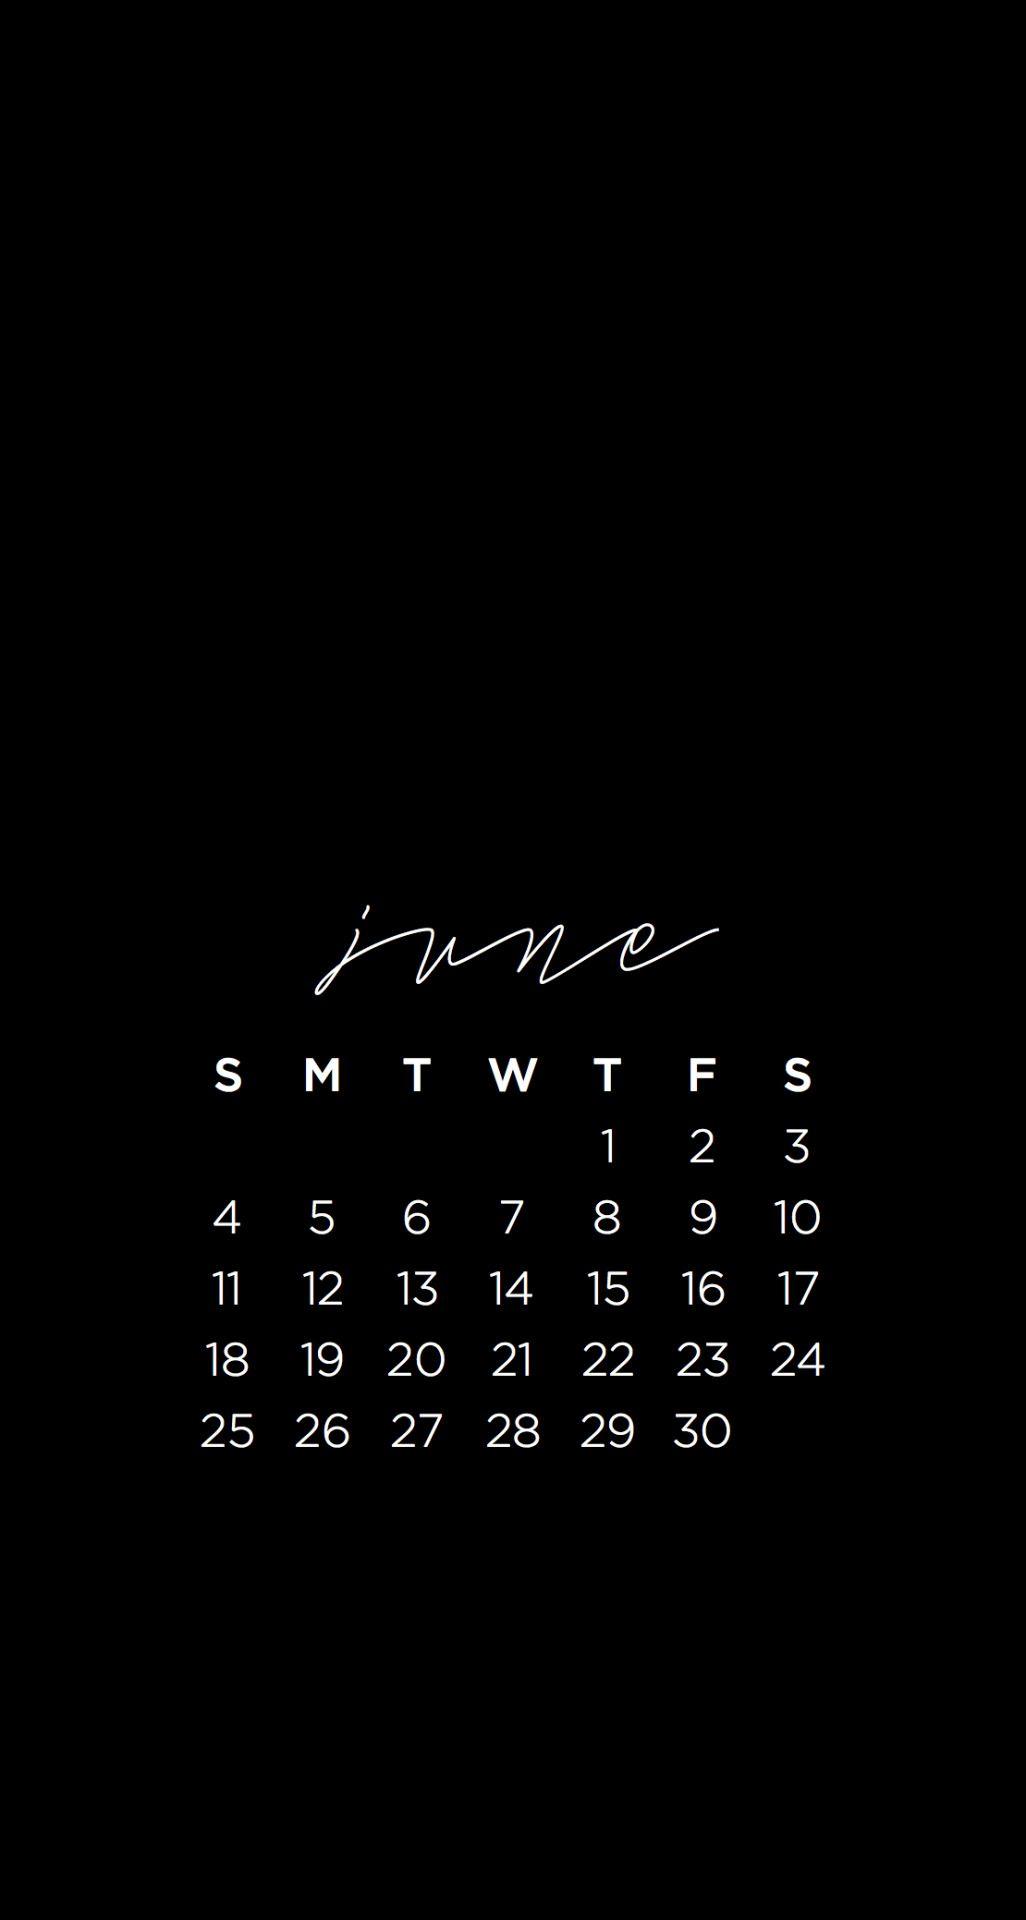 June Calendar Phone Wallpapersi Ve Made These Designs To Match My Desktop Wallpaper Backgrounds If You Re August Wallpaper Gemini Wallpaper Calendar Wallpaper